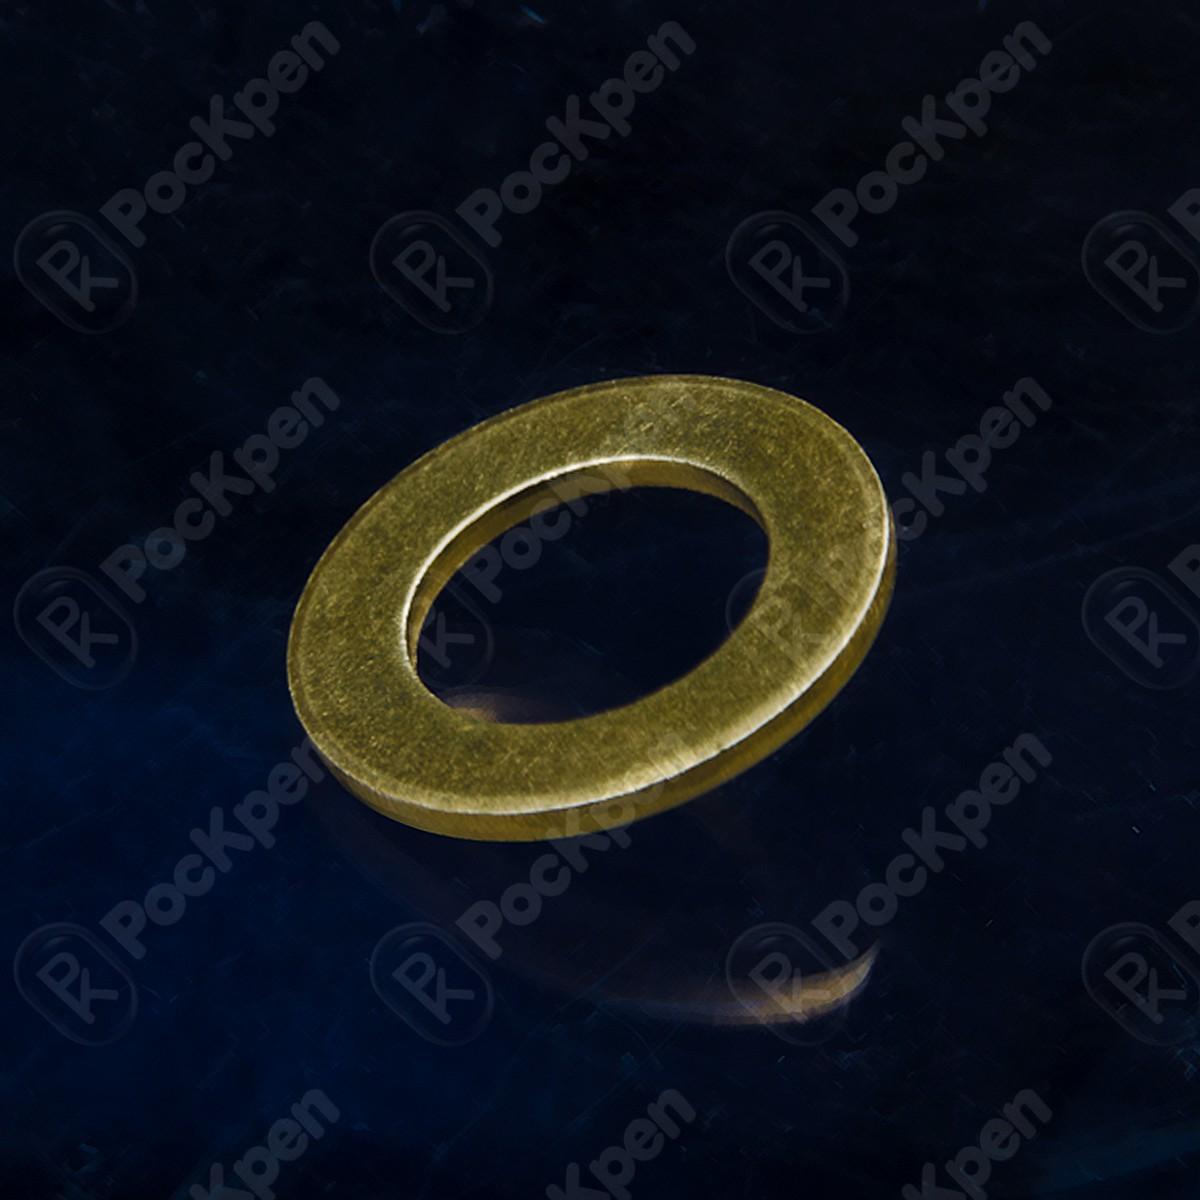 Шайба латунная ГОСТ 11371-78, DIN 125